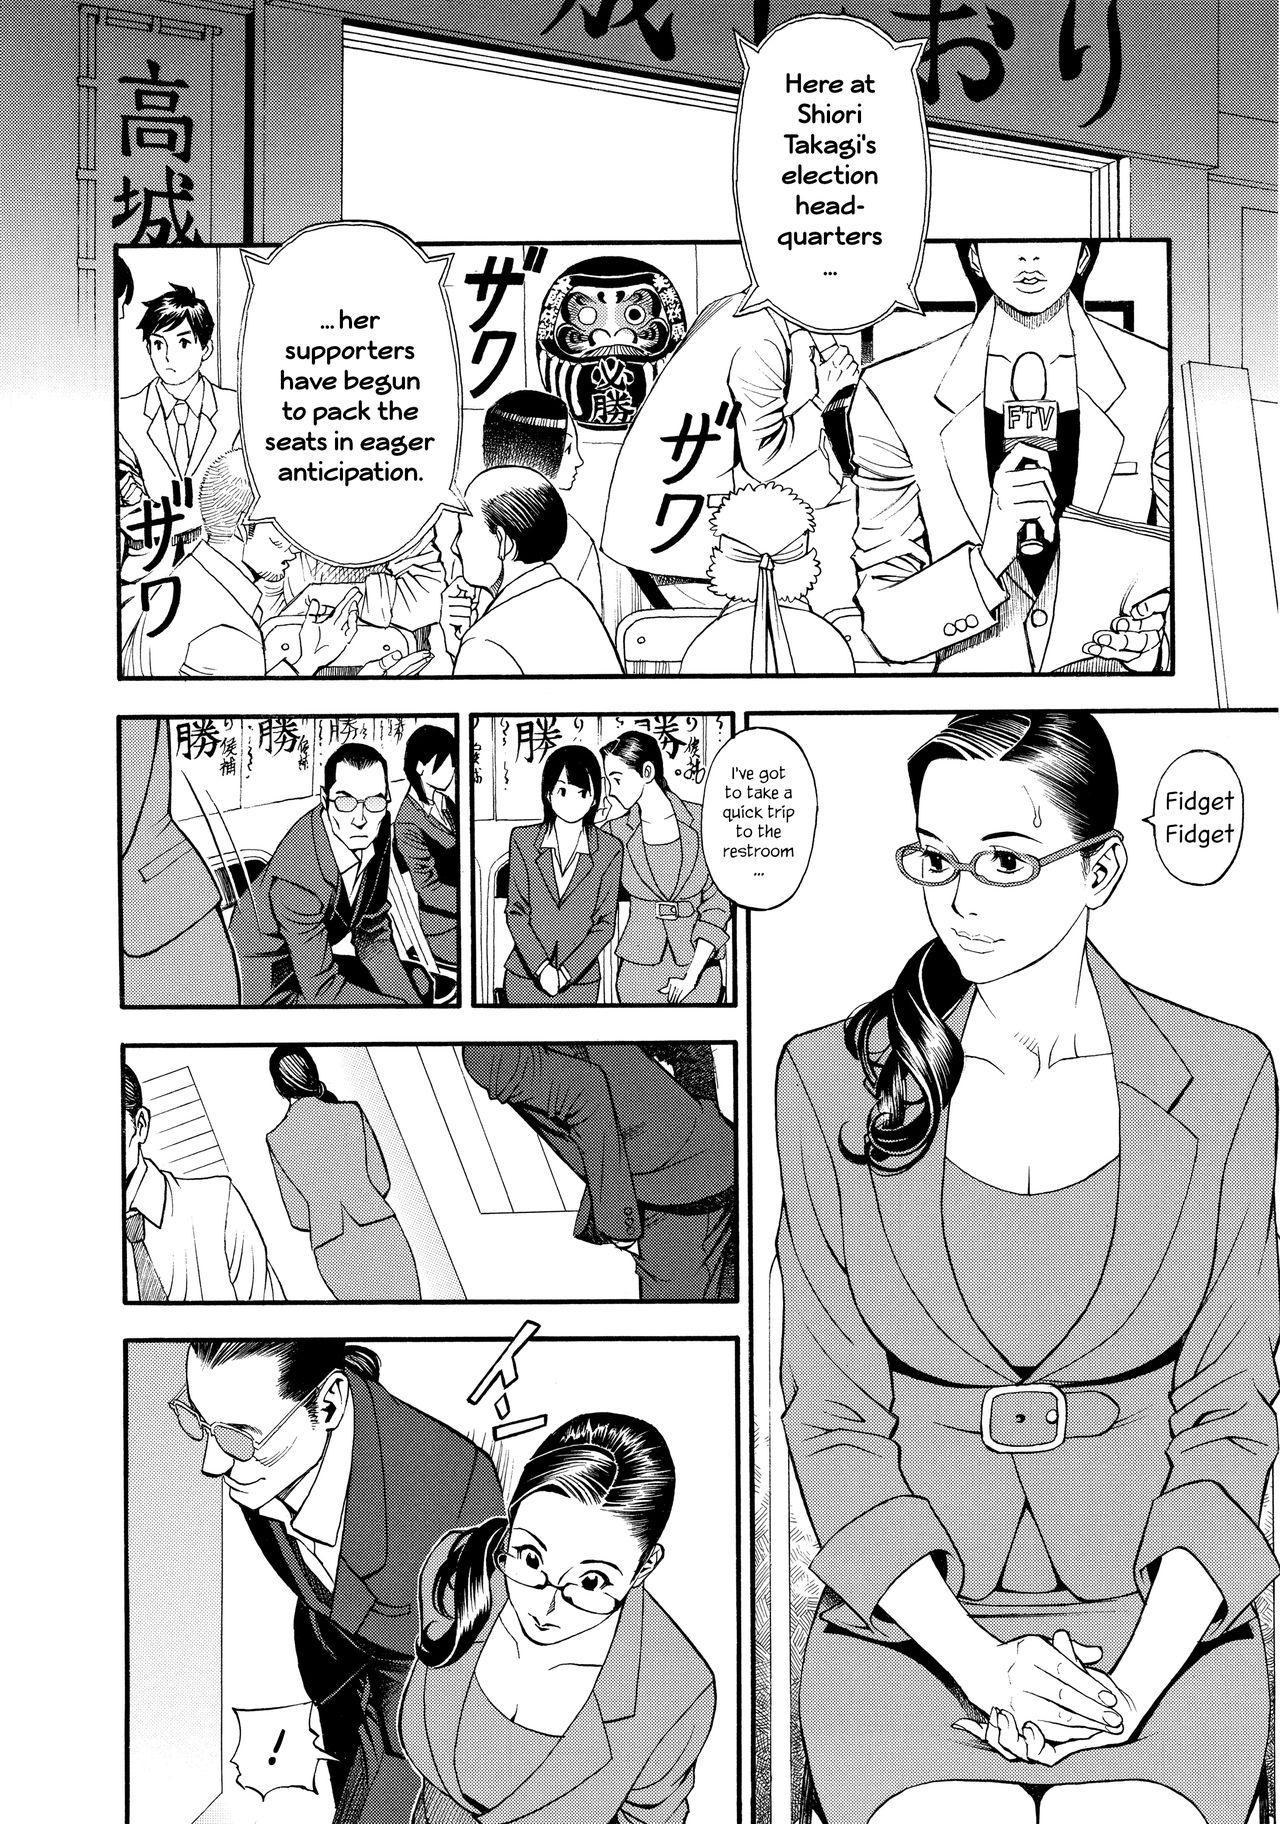 InY Akajuutan + Omake 31